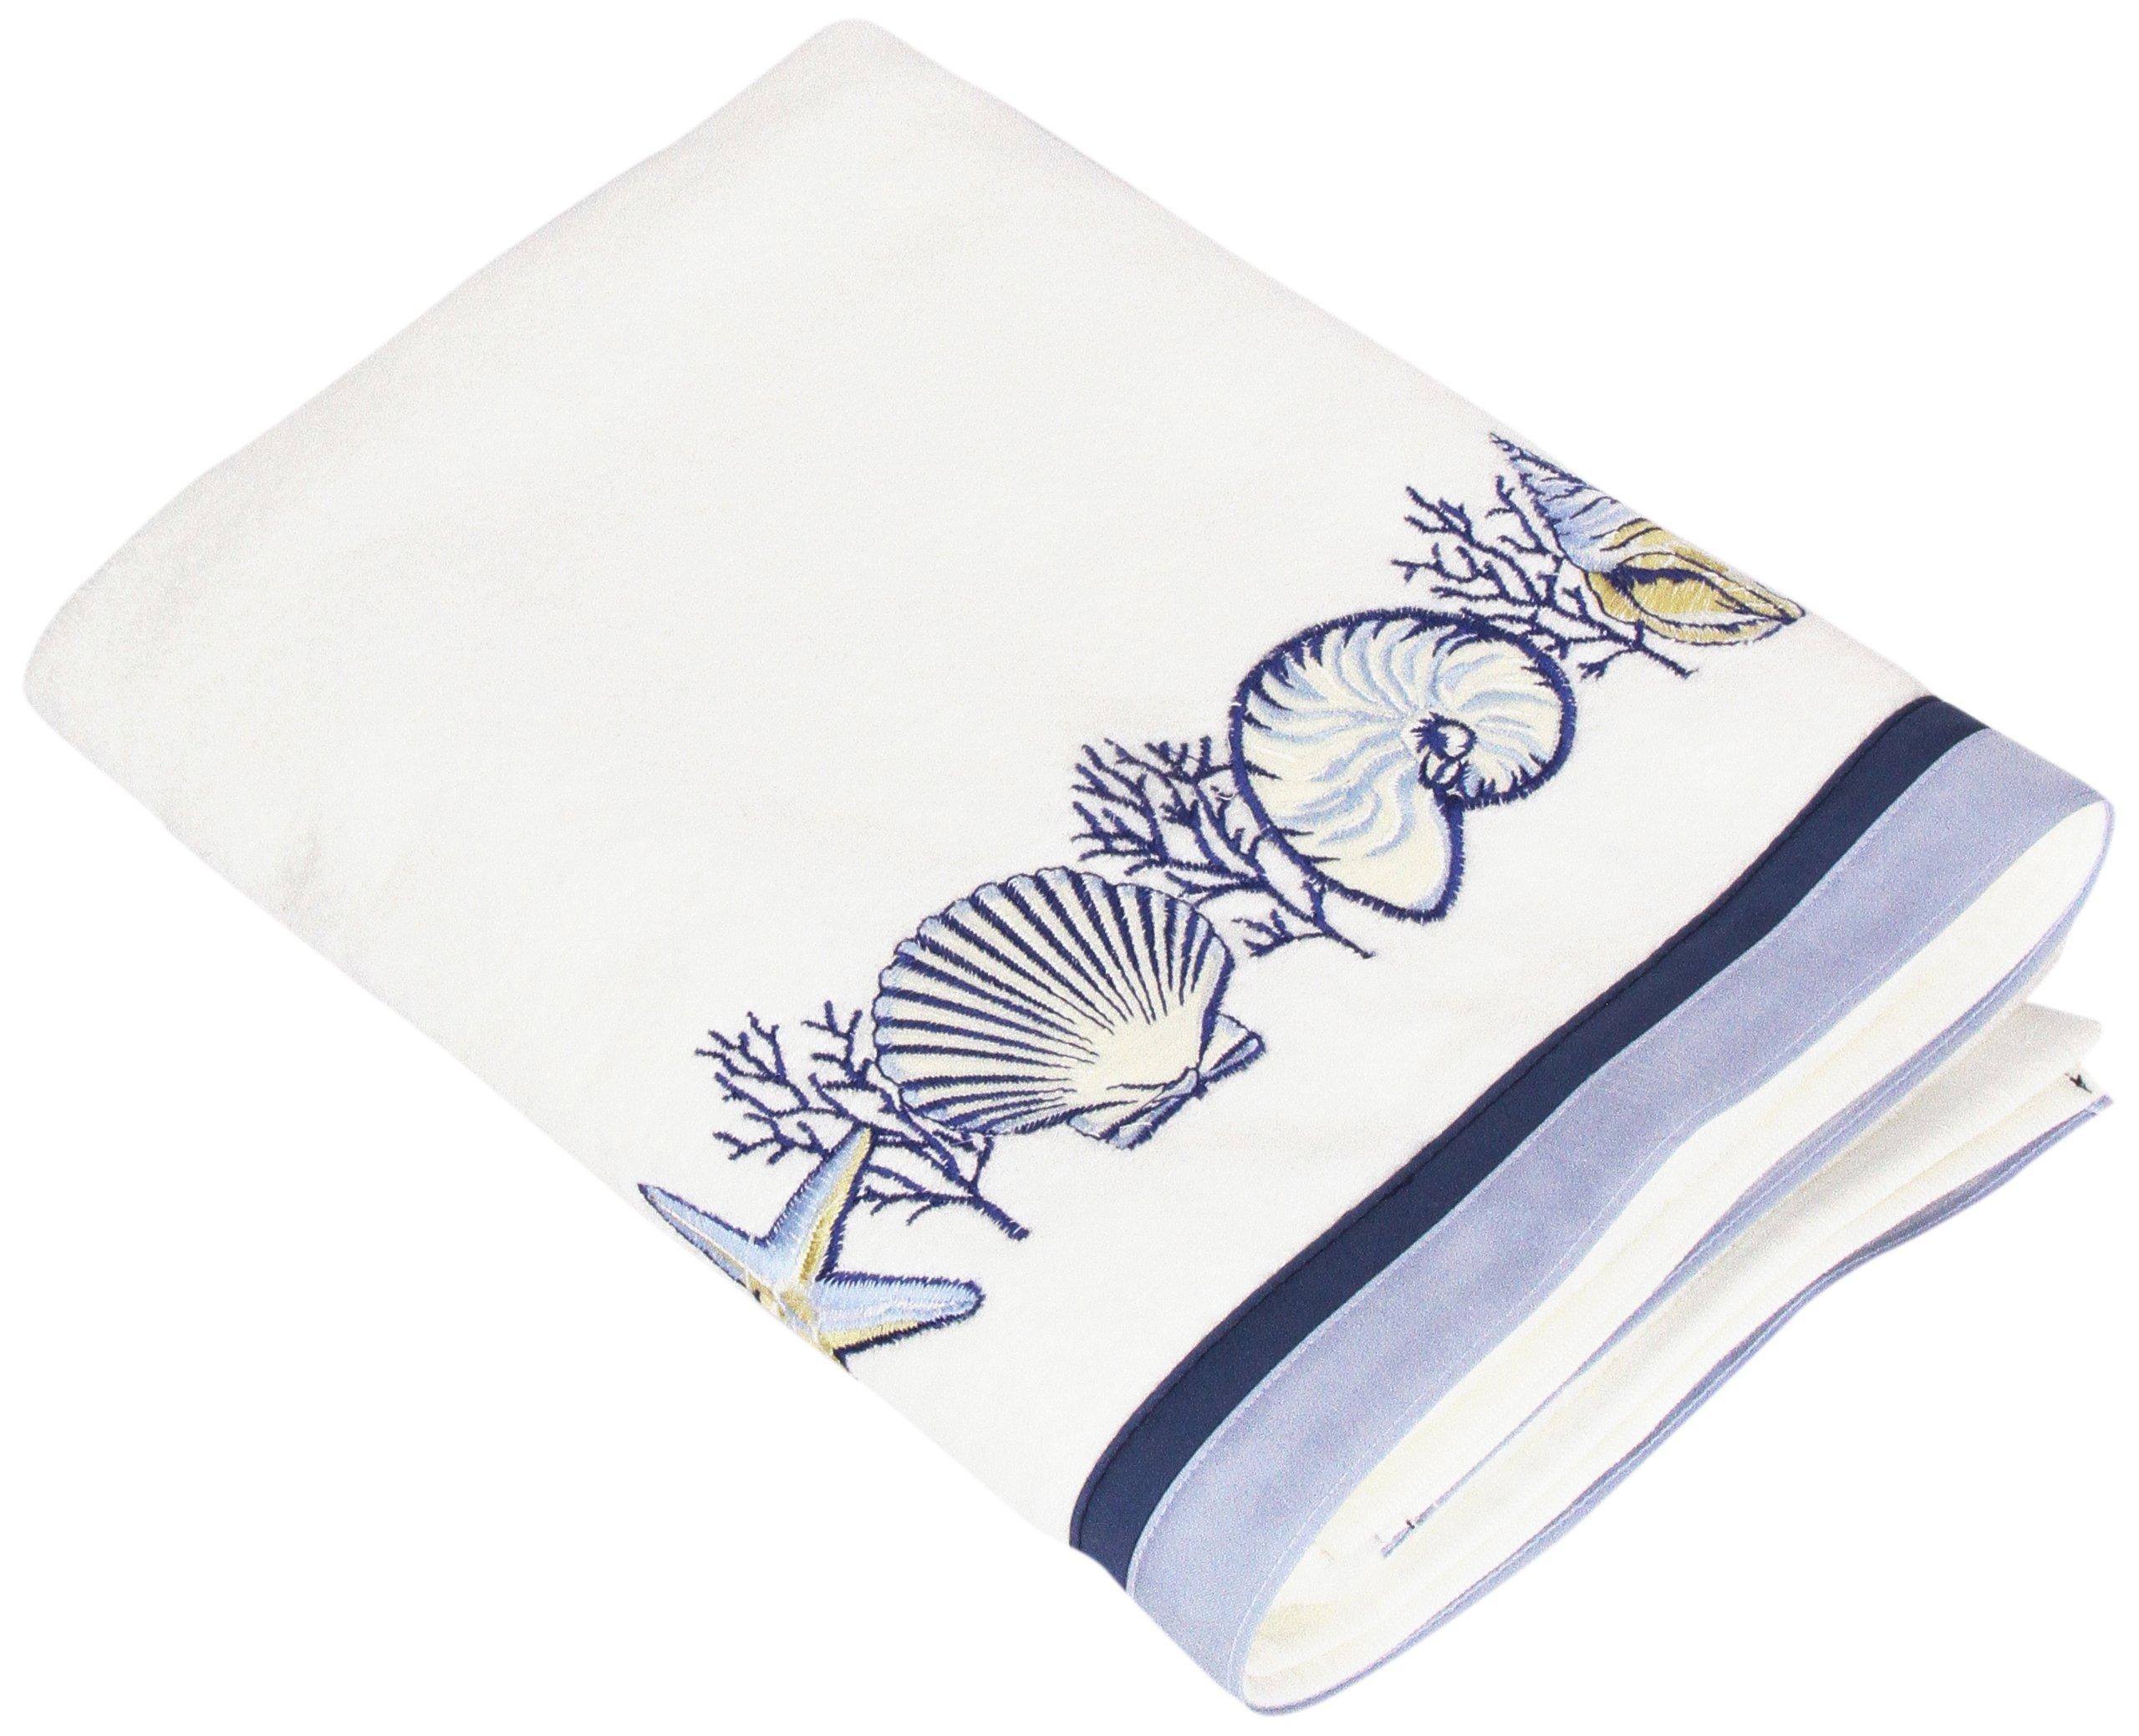 Avanti Linens Nassau Bath Towel, White - Avanti Linens 100% Cotton For decorative bathrooms and guest bathrooms - bathroom-linens, bathroom, bath-towels - 81I9bxRC3TL -